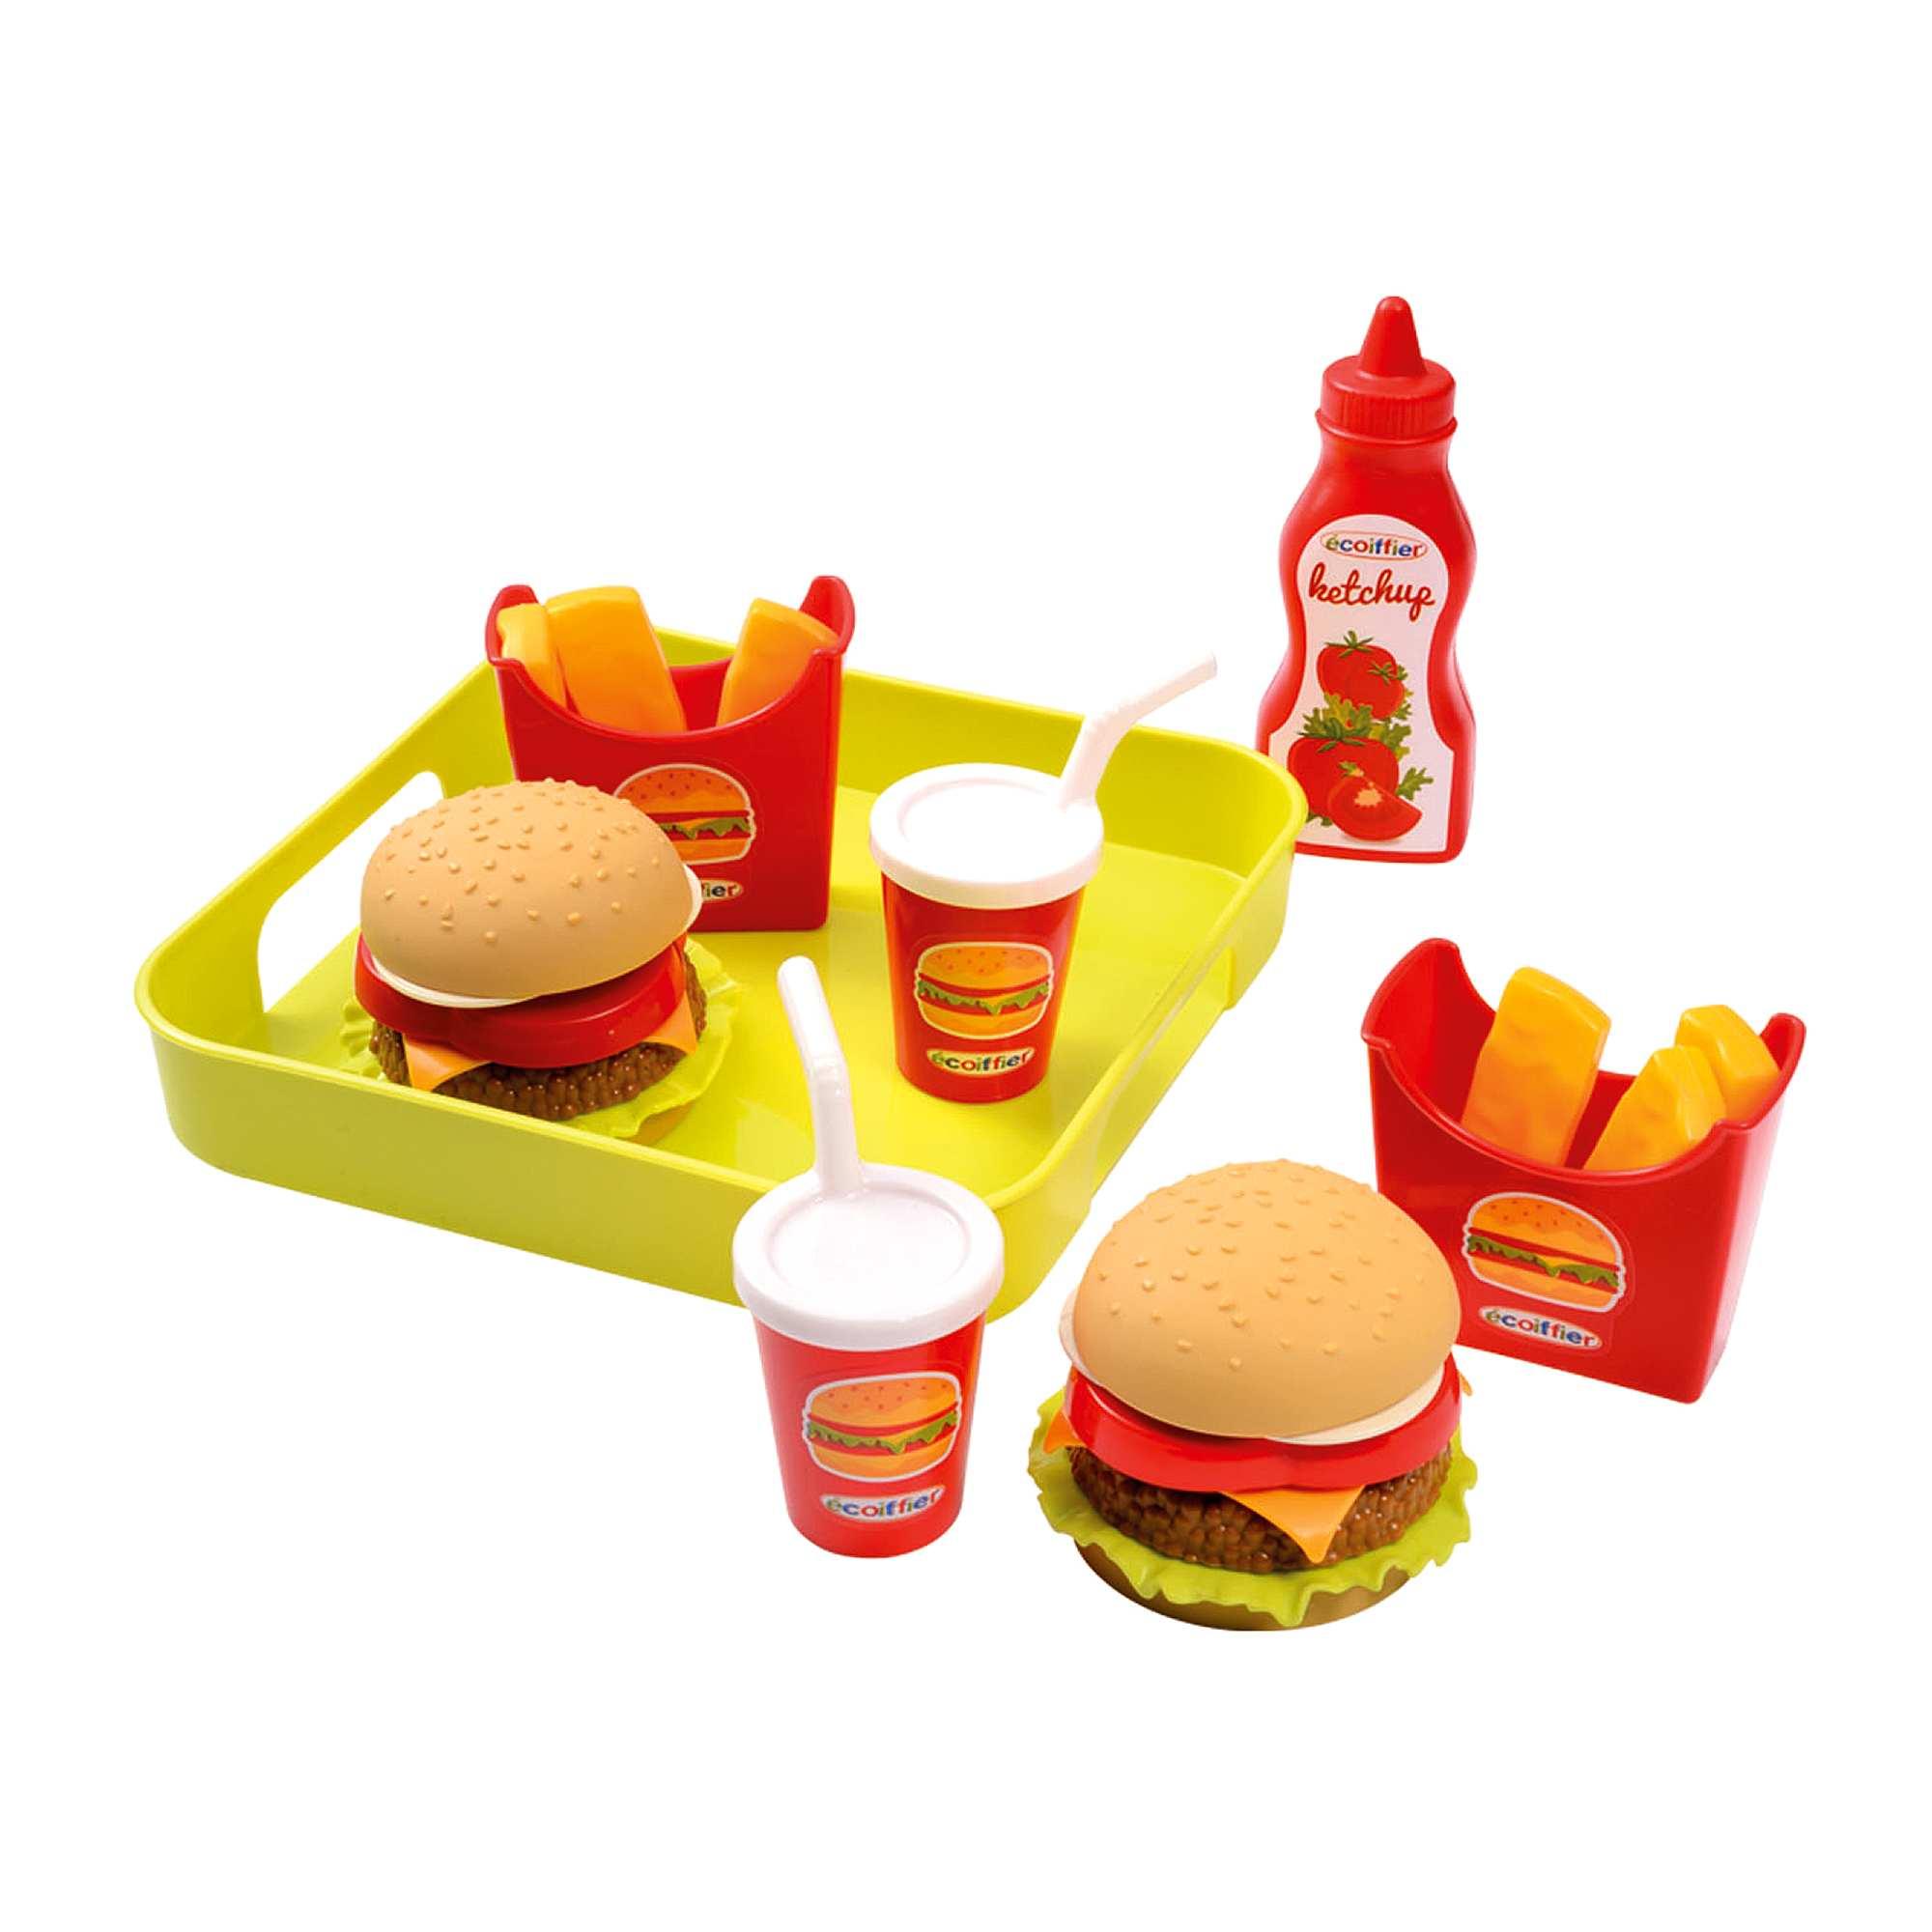 Accessori da cucina fast food giocattolo infanzia bambina - Accessori da cucina ...